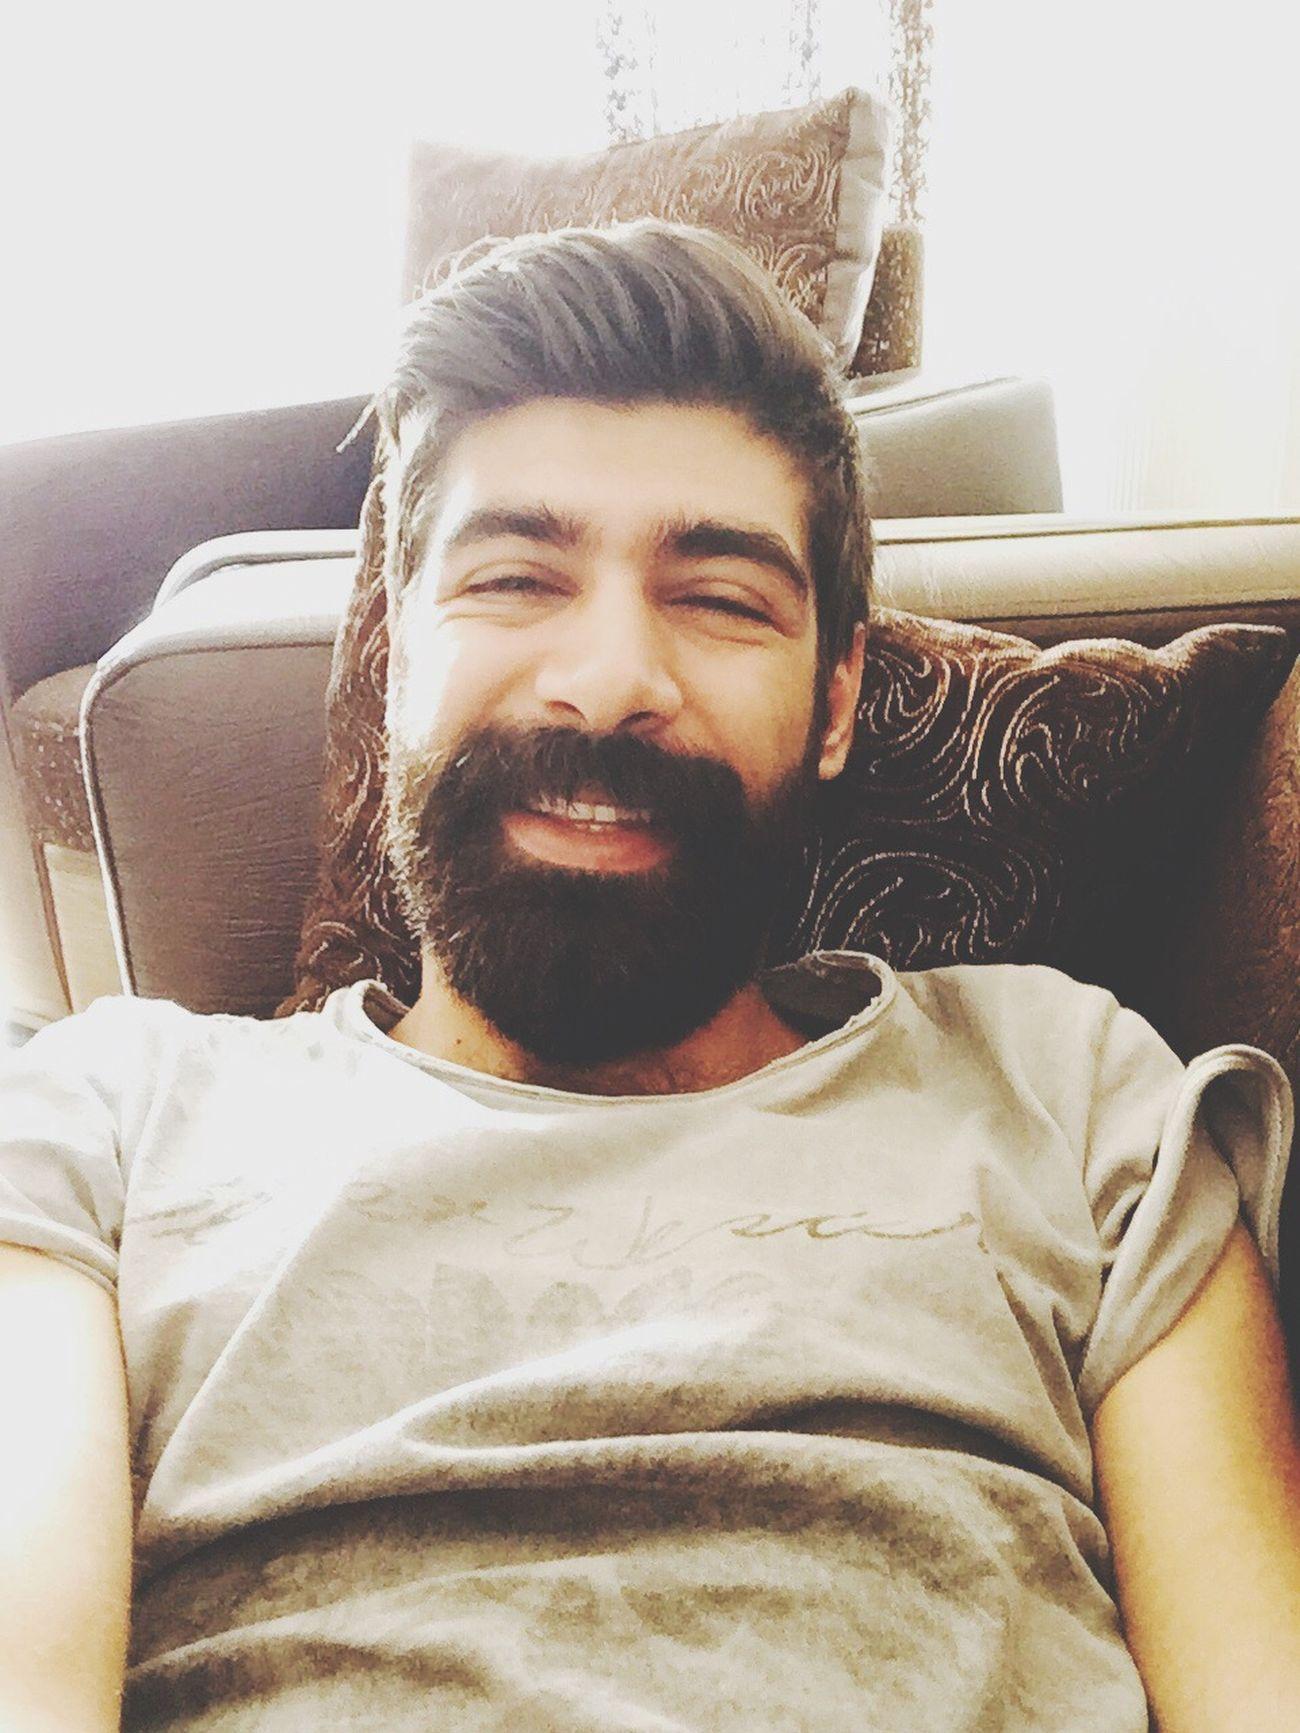 Günaydın Uykusuz Sabah Selfie ✌ Smile ✌ First Eyeem Photo Taking Photos Popular Photos Followme Merhaba